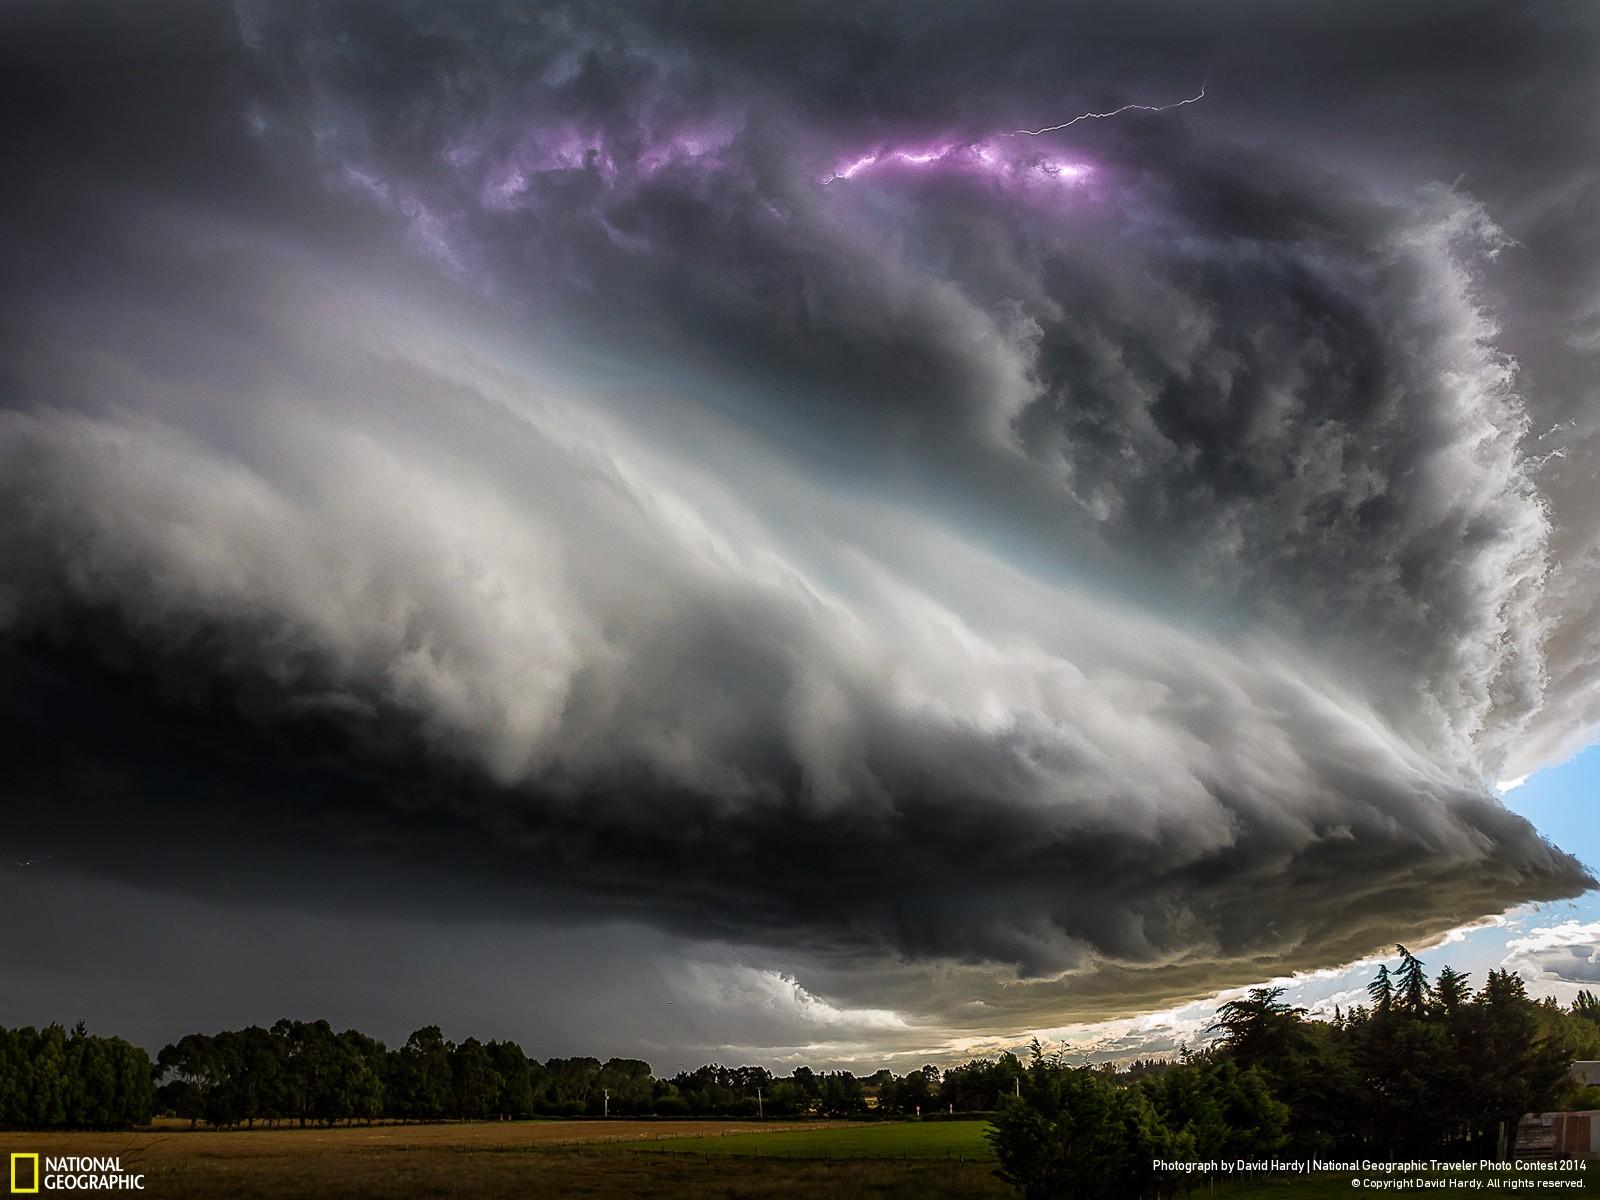 Les 10 photos les plus folles du concours National Geographic